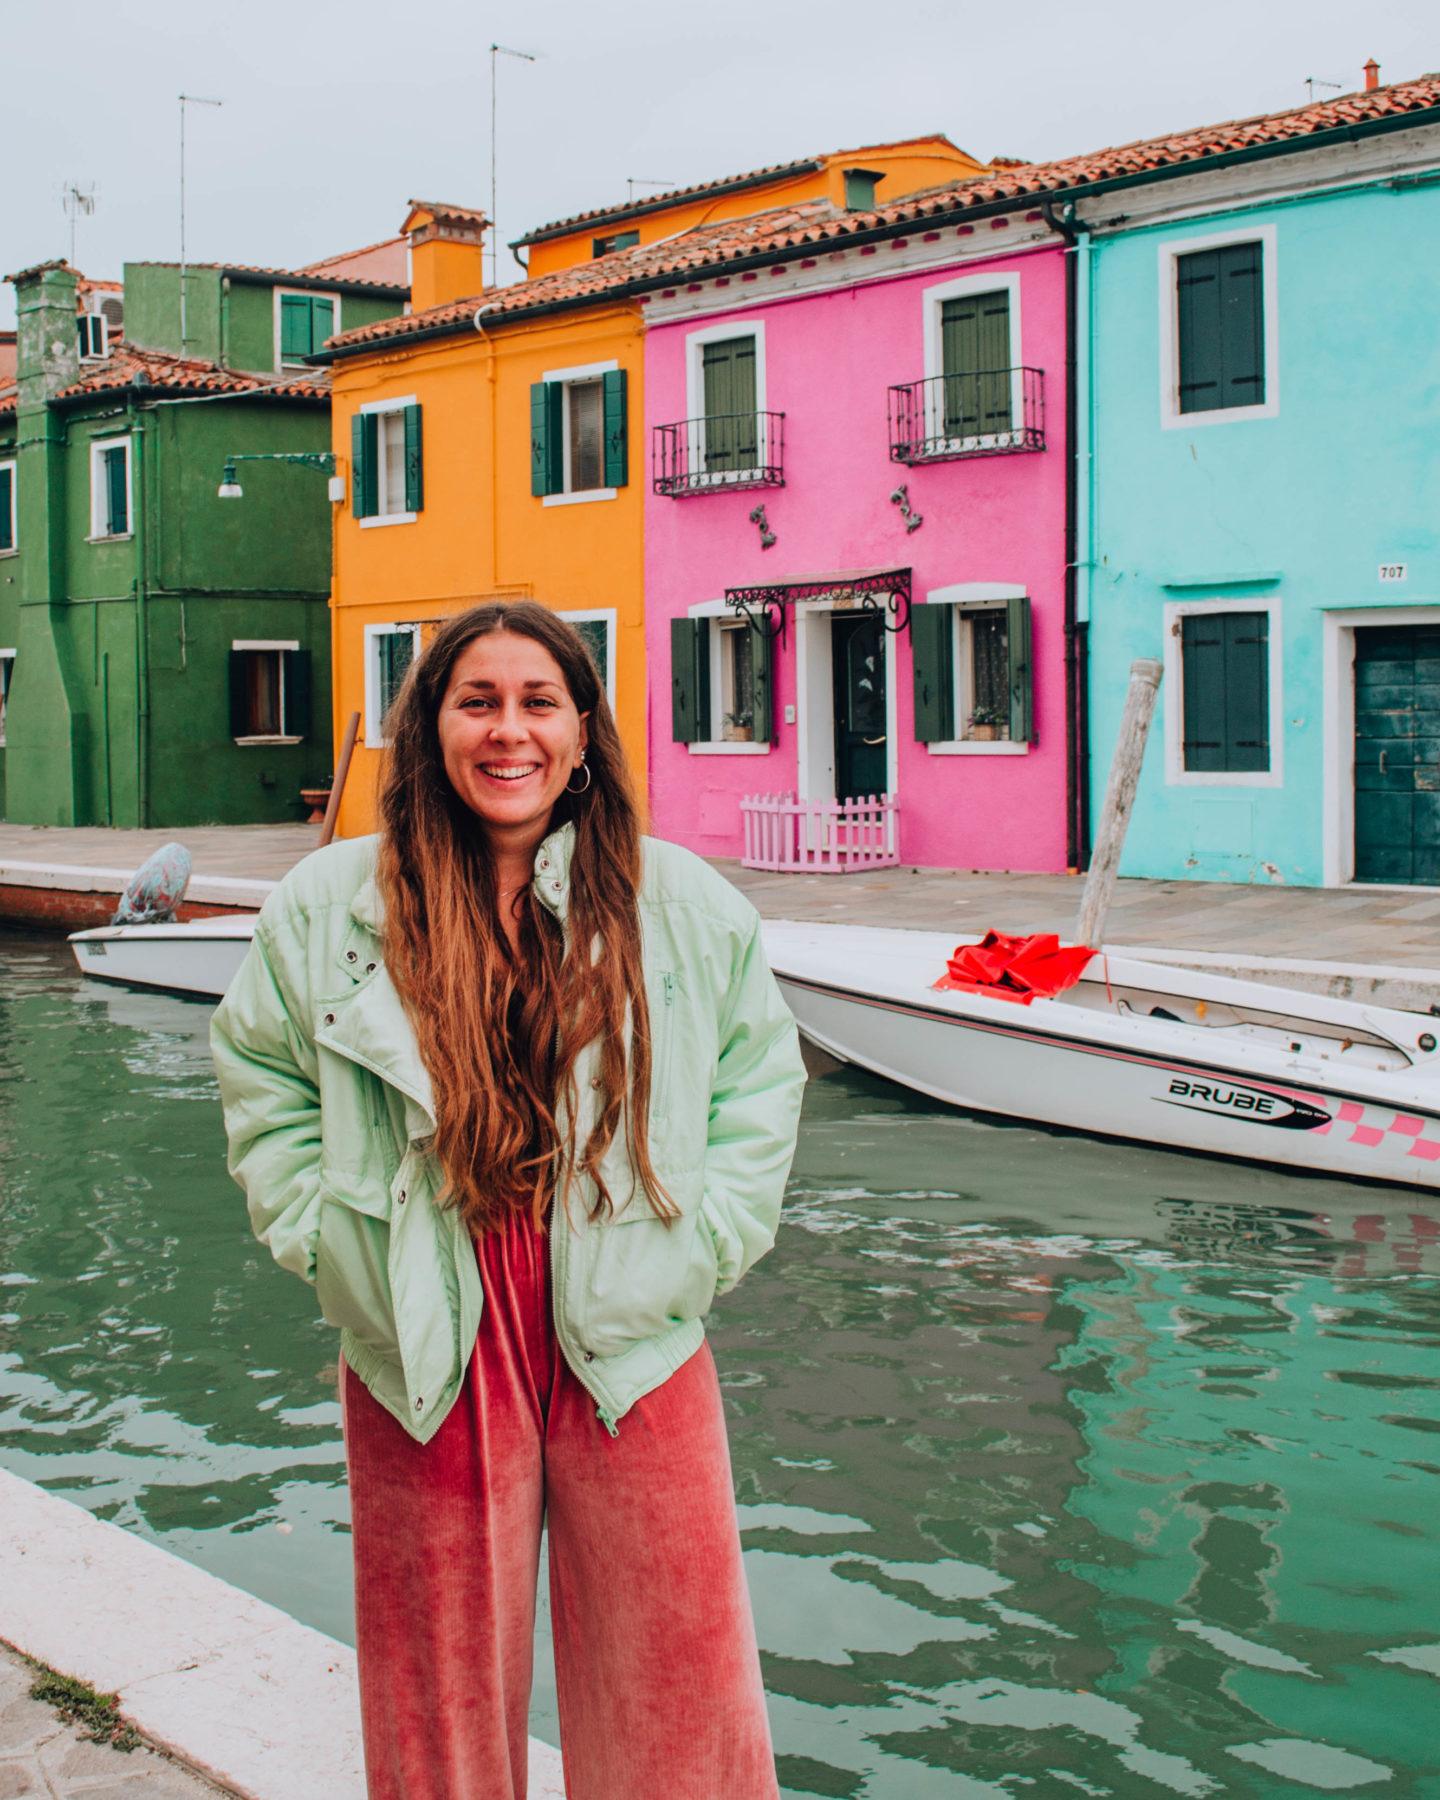 ragazza con pantalone rose e piumino verde davanti a case colorate e canale d'acqua